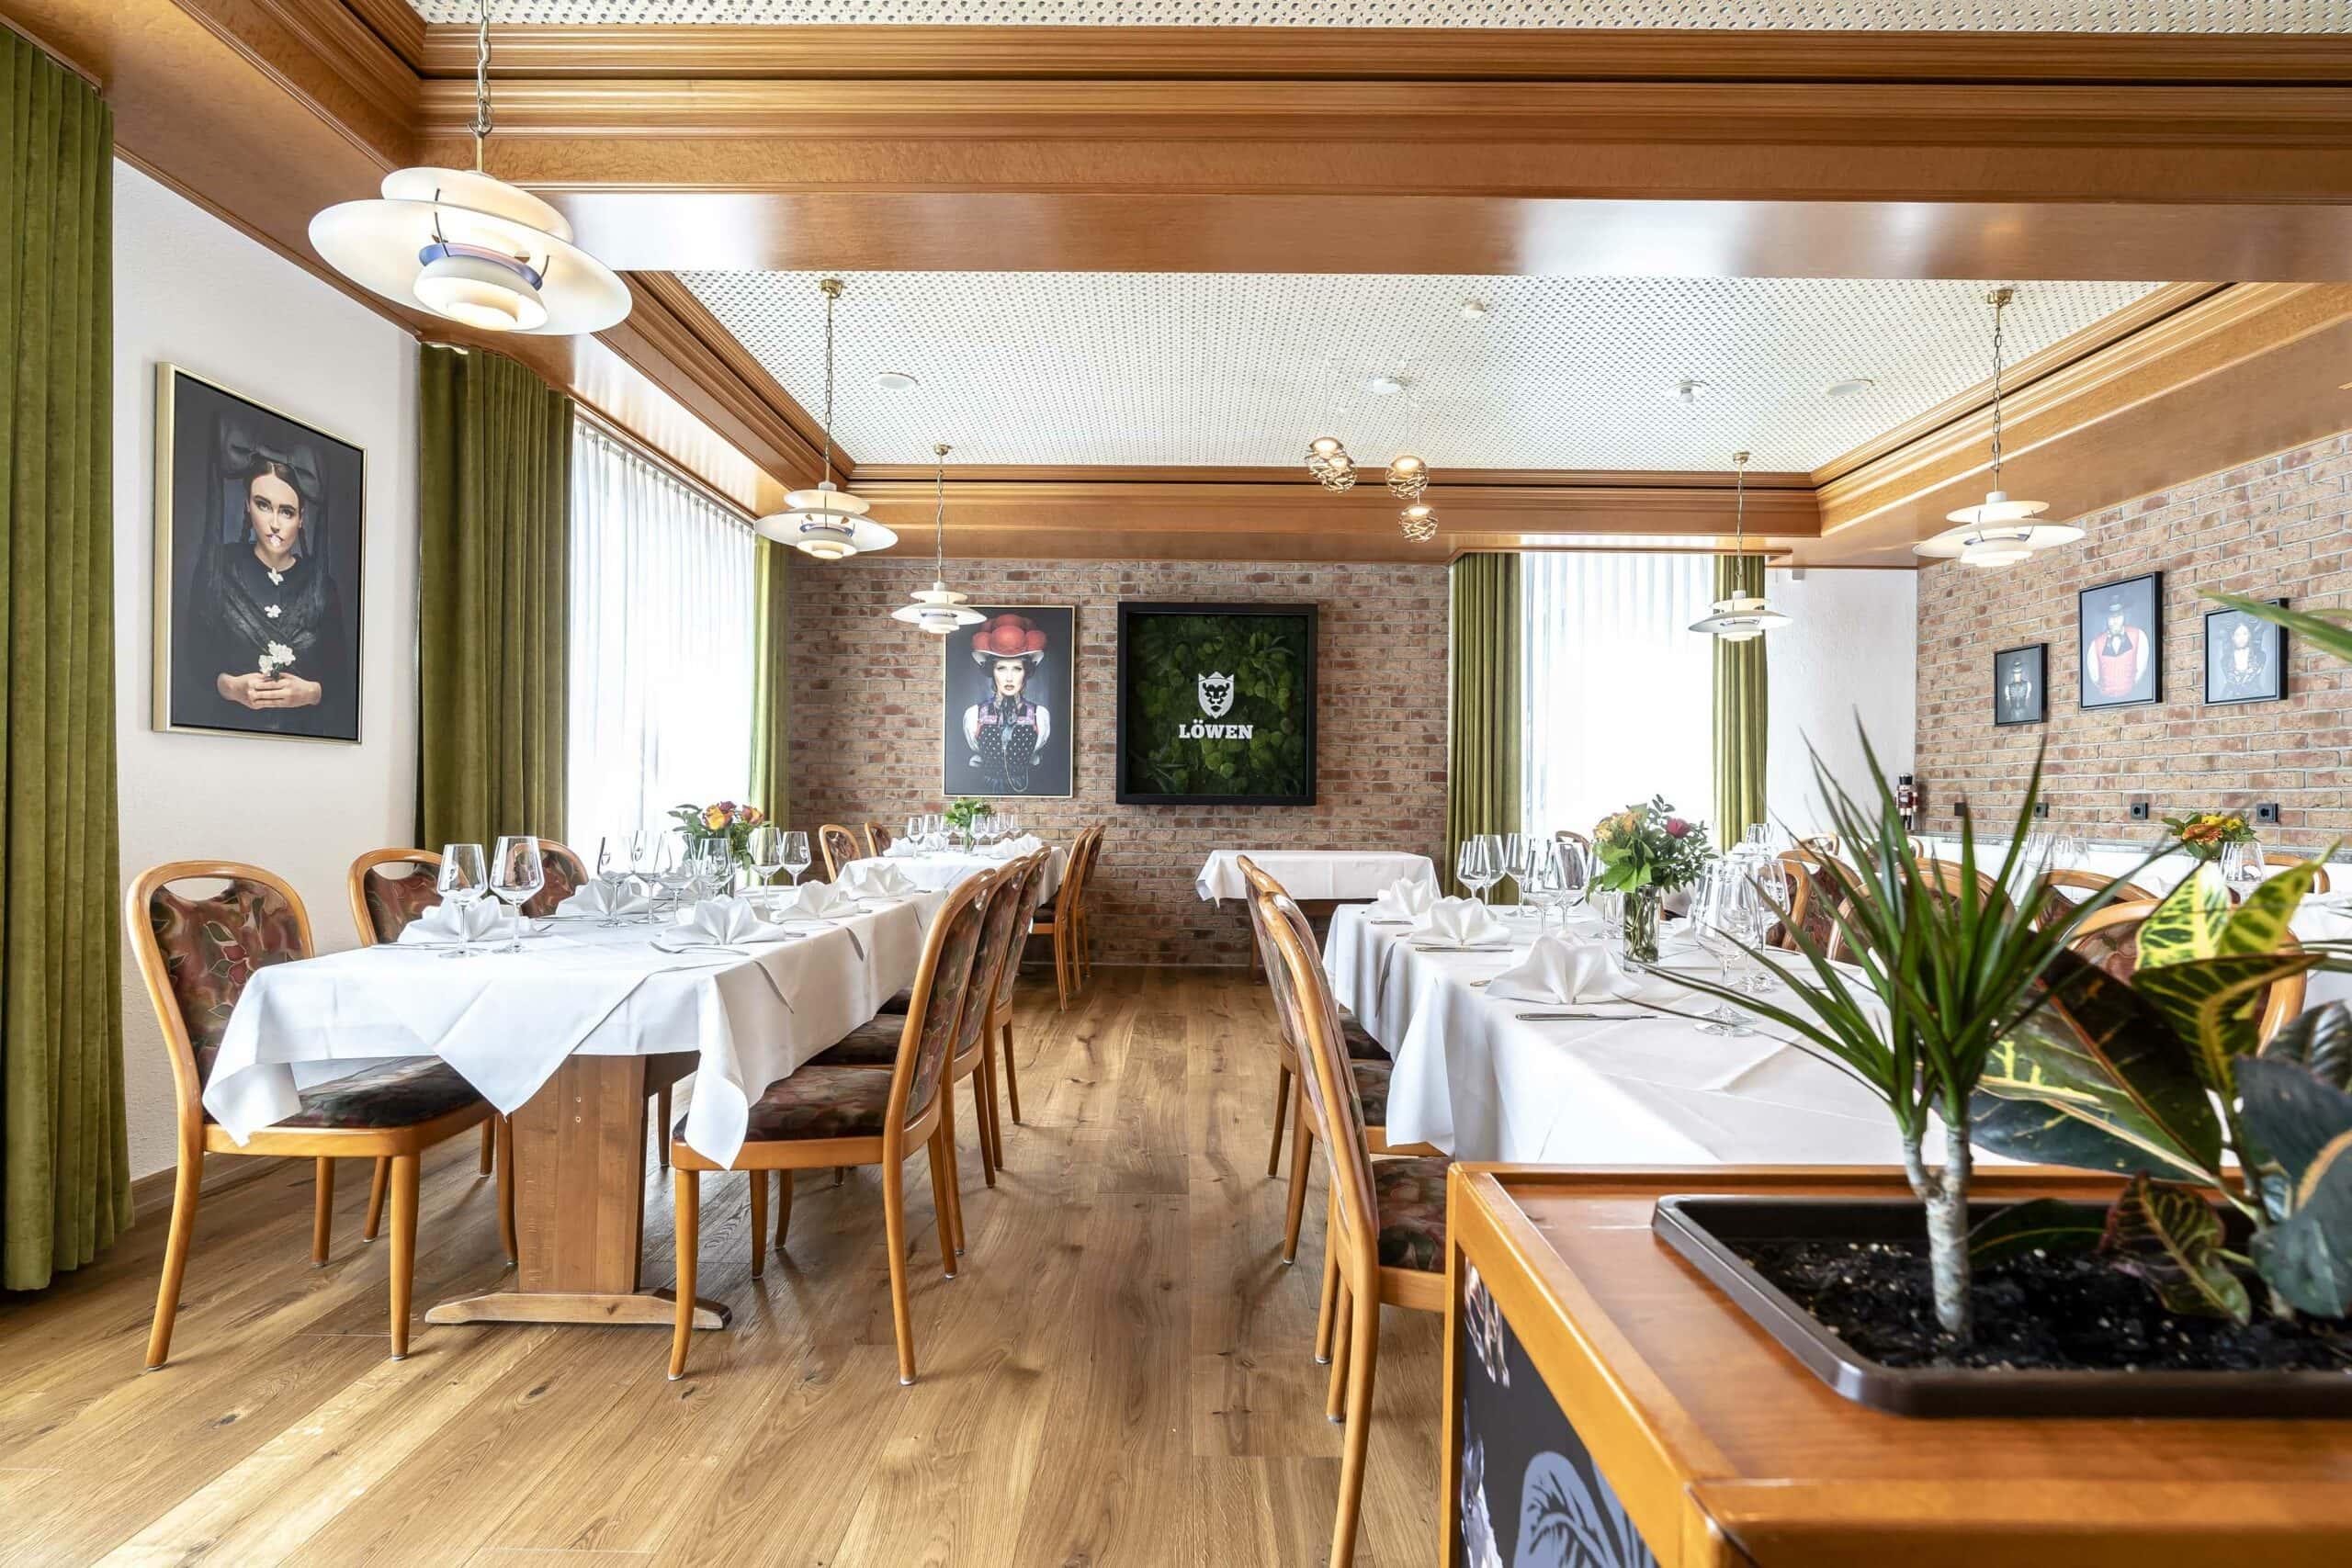 Hotel Gasthaus Loewen Buchholz Saal